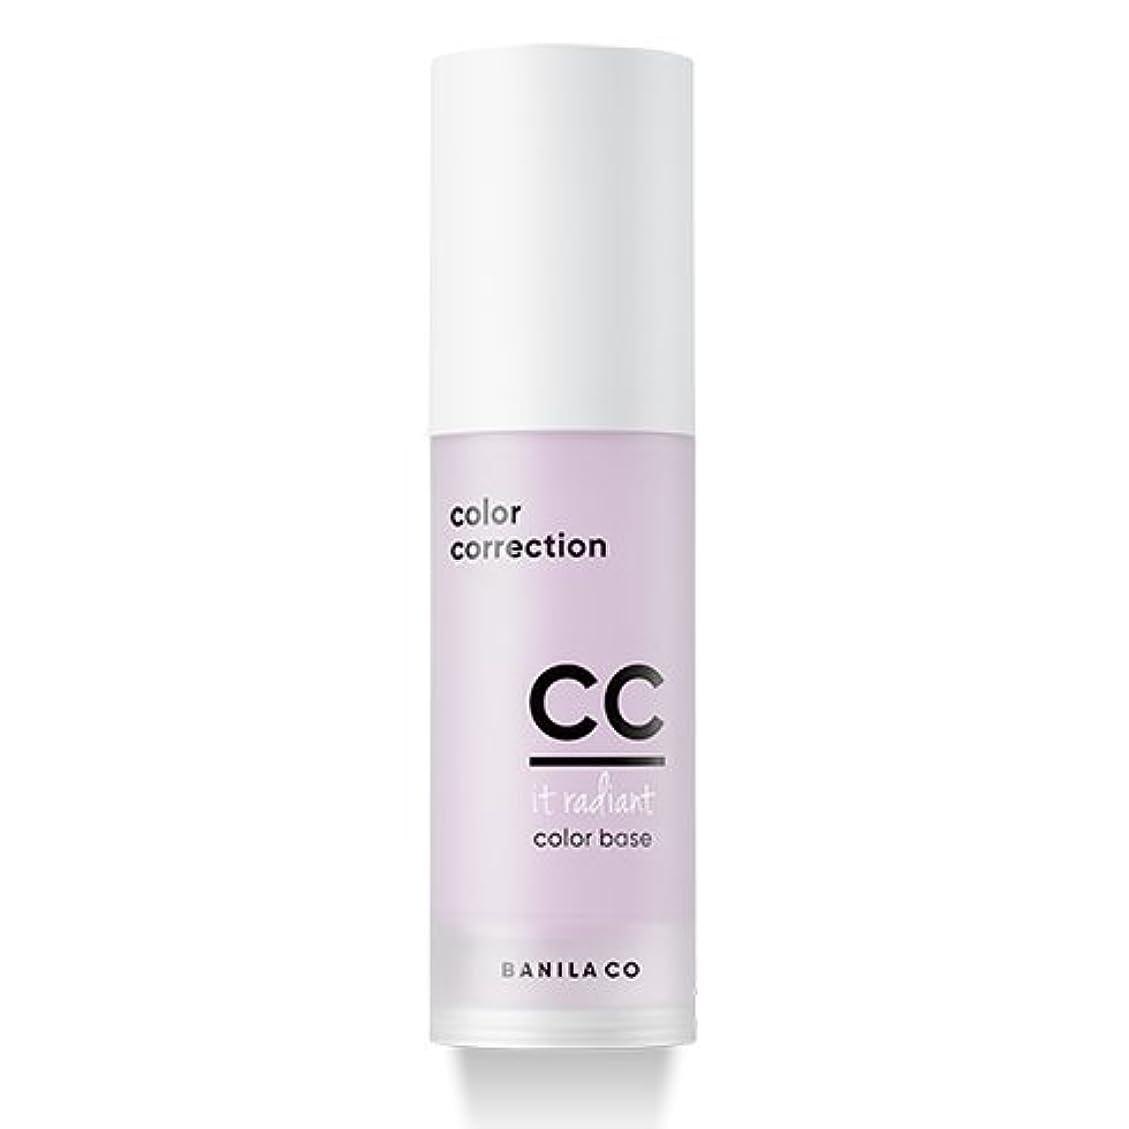 ドア脈拍マンハッタンBANILA CO It Radiant CC Color Base 30ml/バニラコ イット ラディアント CC カラー ベース 30ml (#Lavender) [並行輸入品]